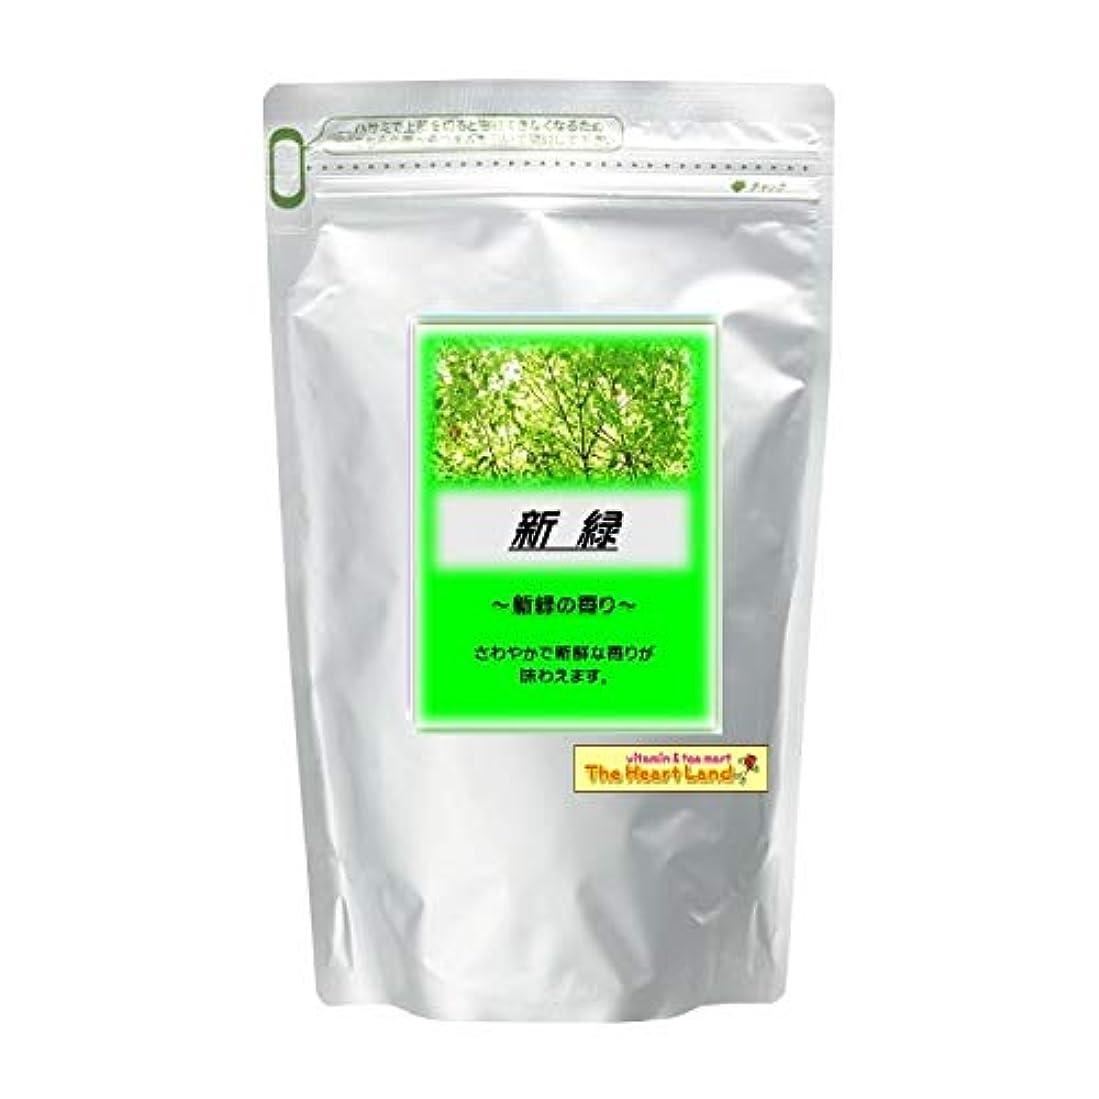 データ指うんアサヒ入浴剤 浴用入浴化粧品 新緑 2.5kg